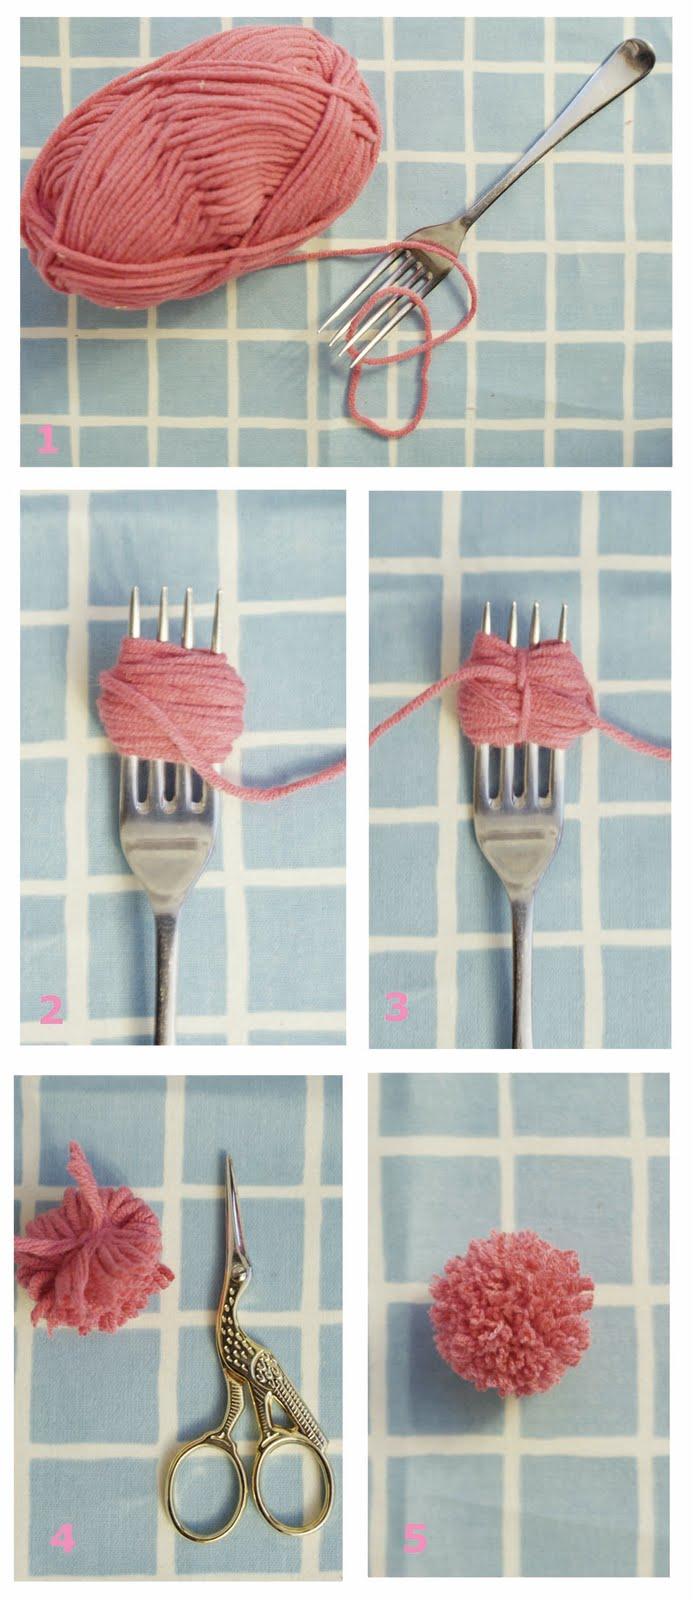 Как сделать маленький помпон из пряжи